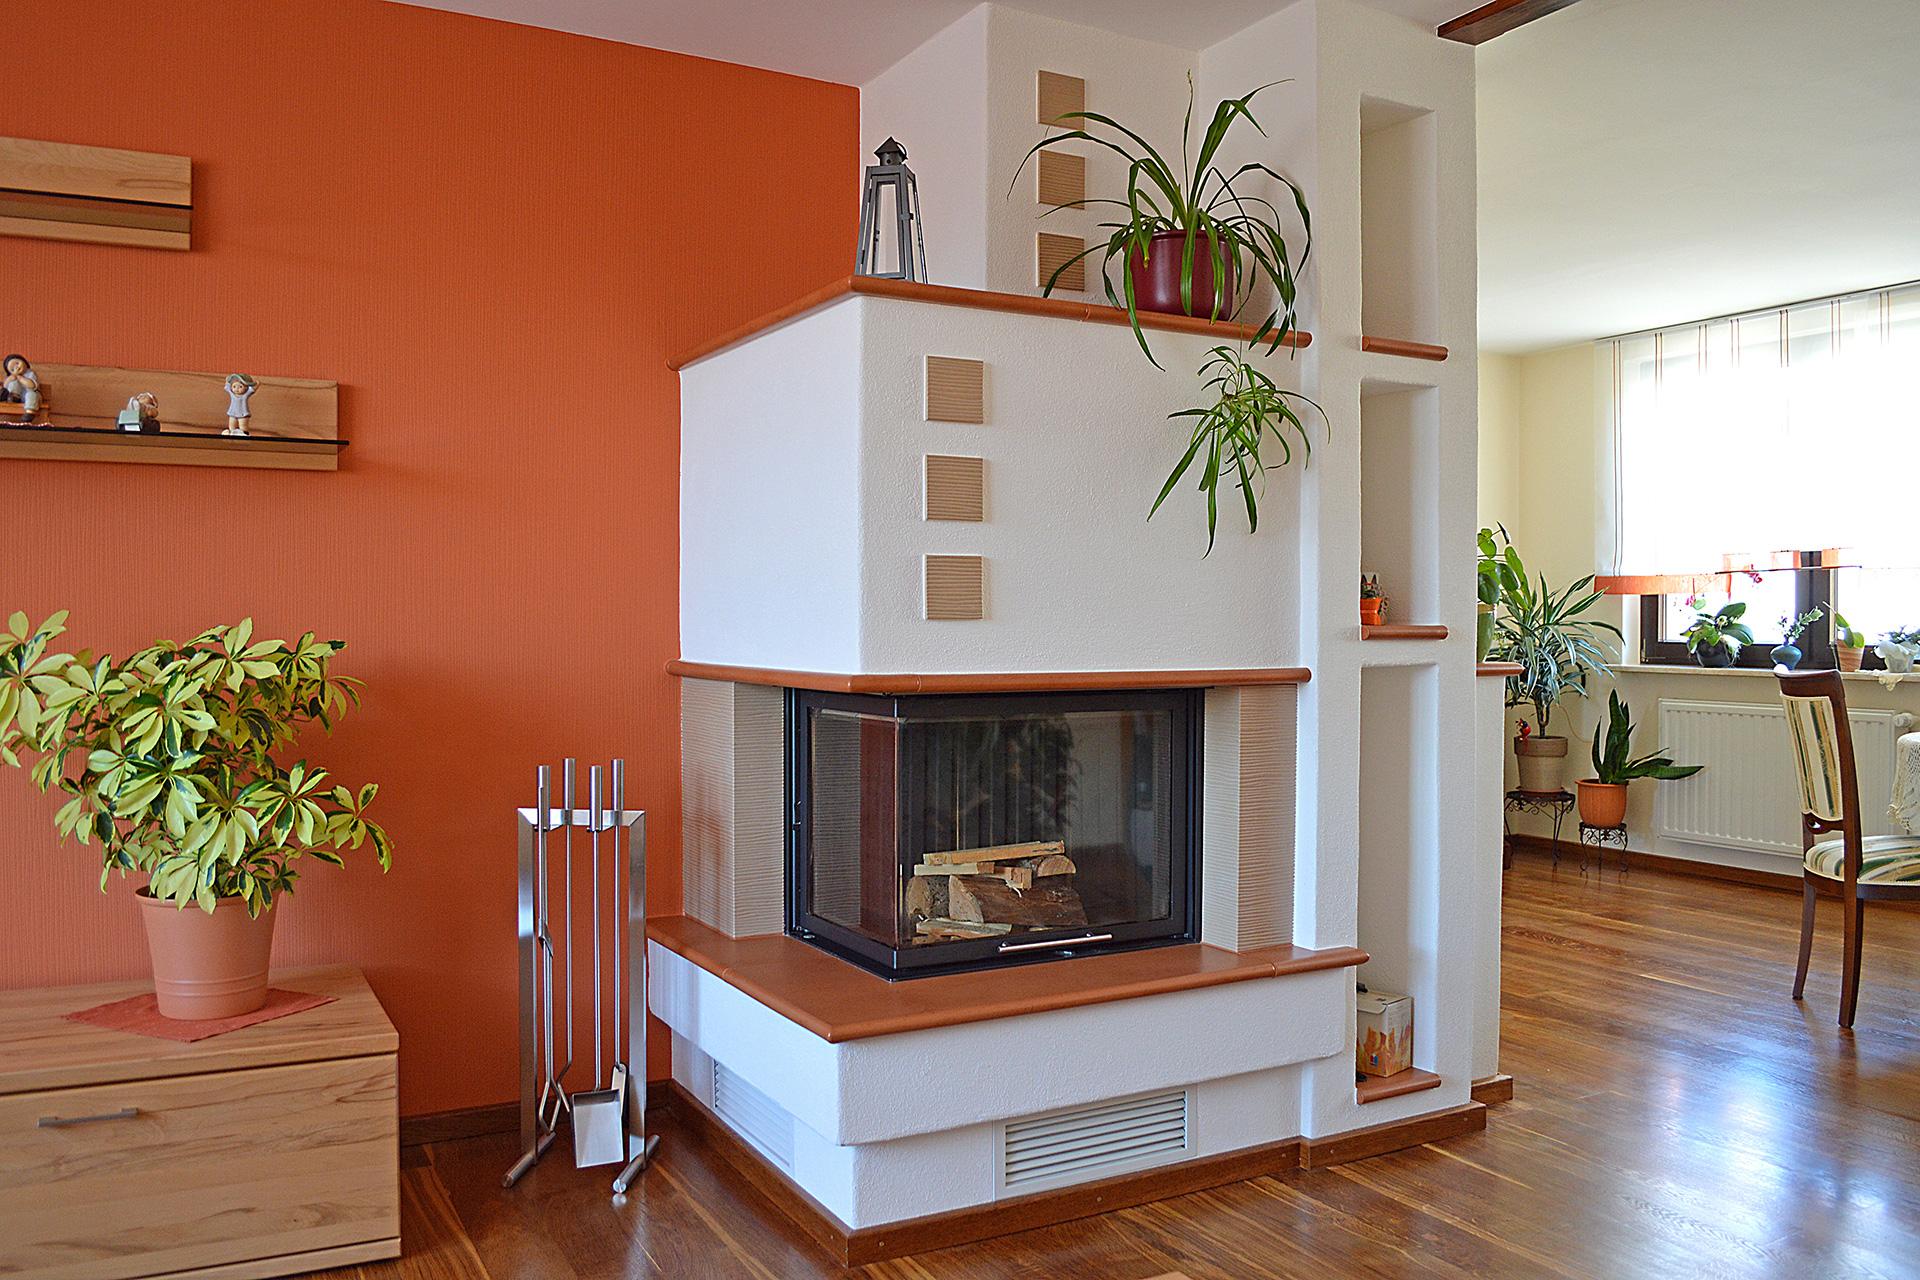 Referenz Ofen- und Kaminbau, Bild 0290